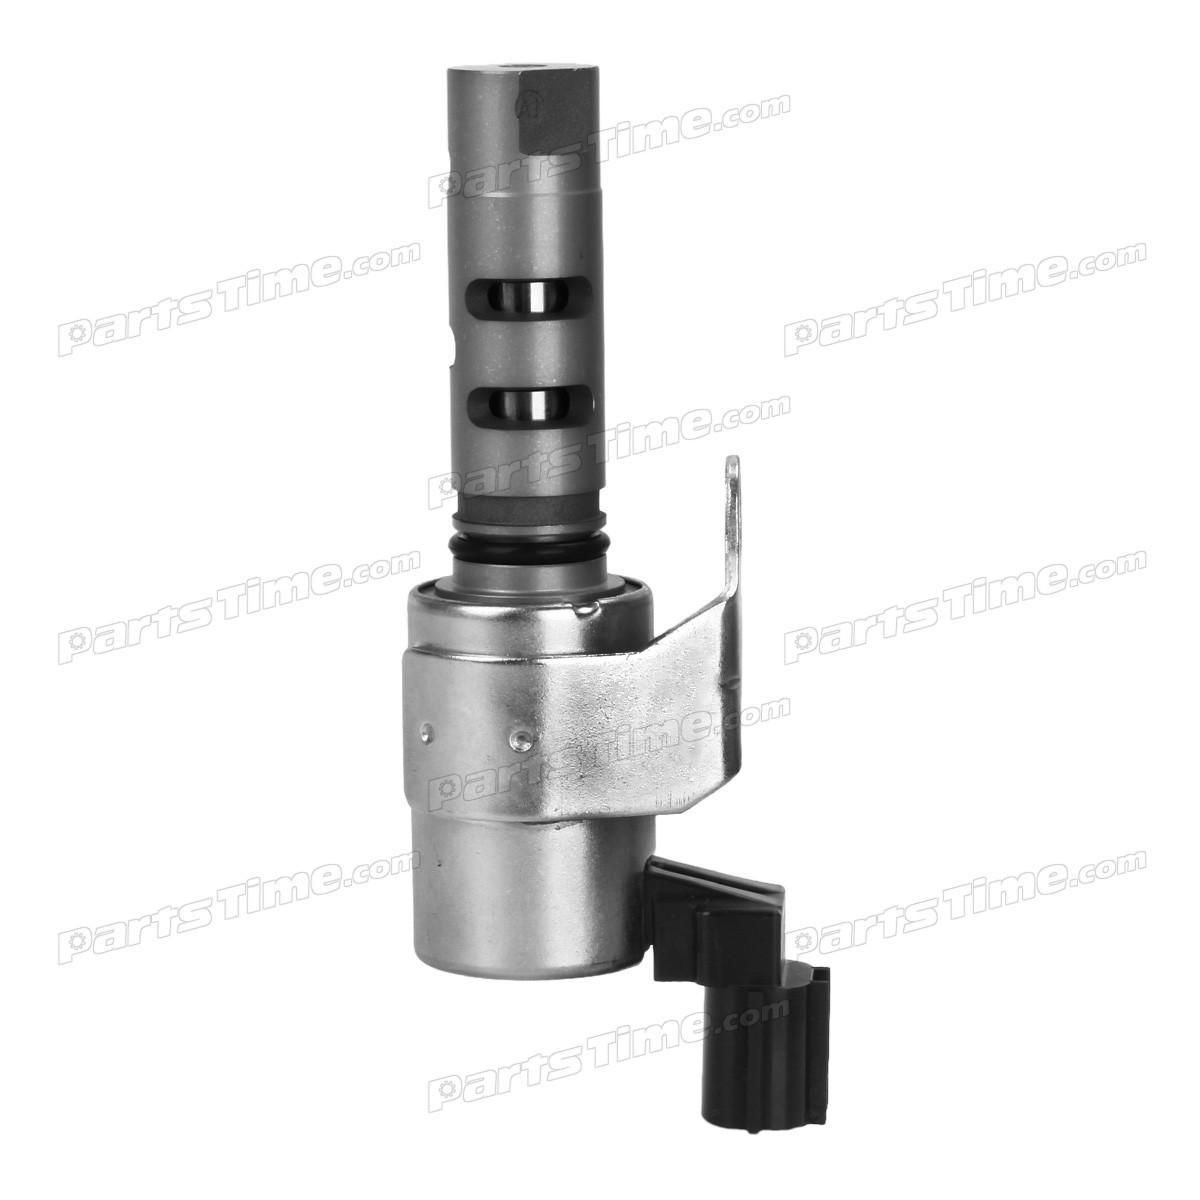 Vvt Timing Oil Control Valve Engine Camshaft 1533046011